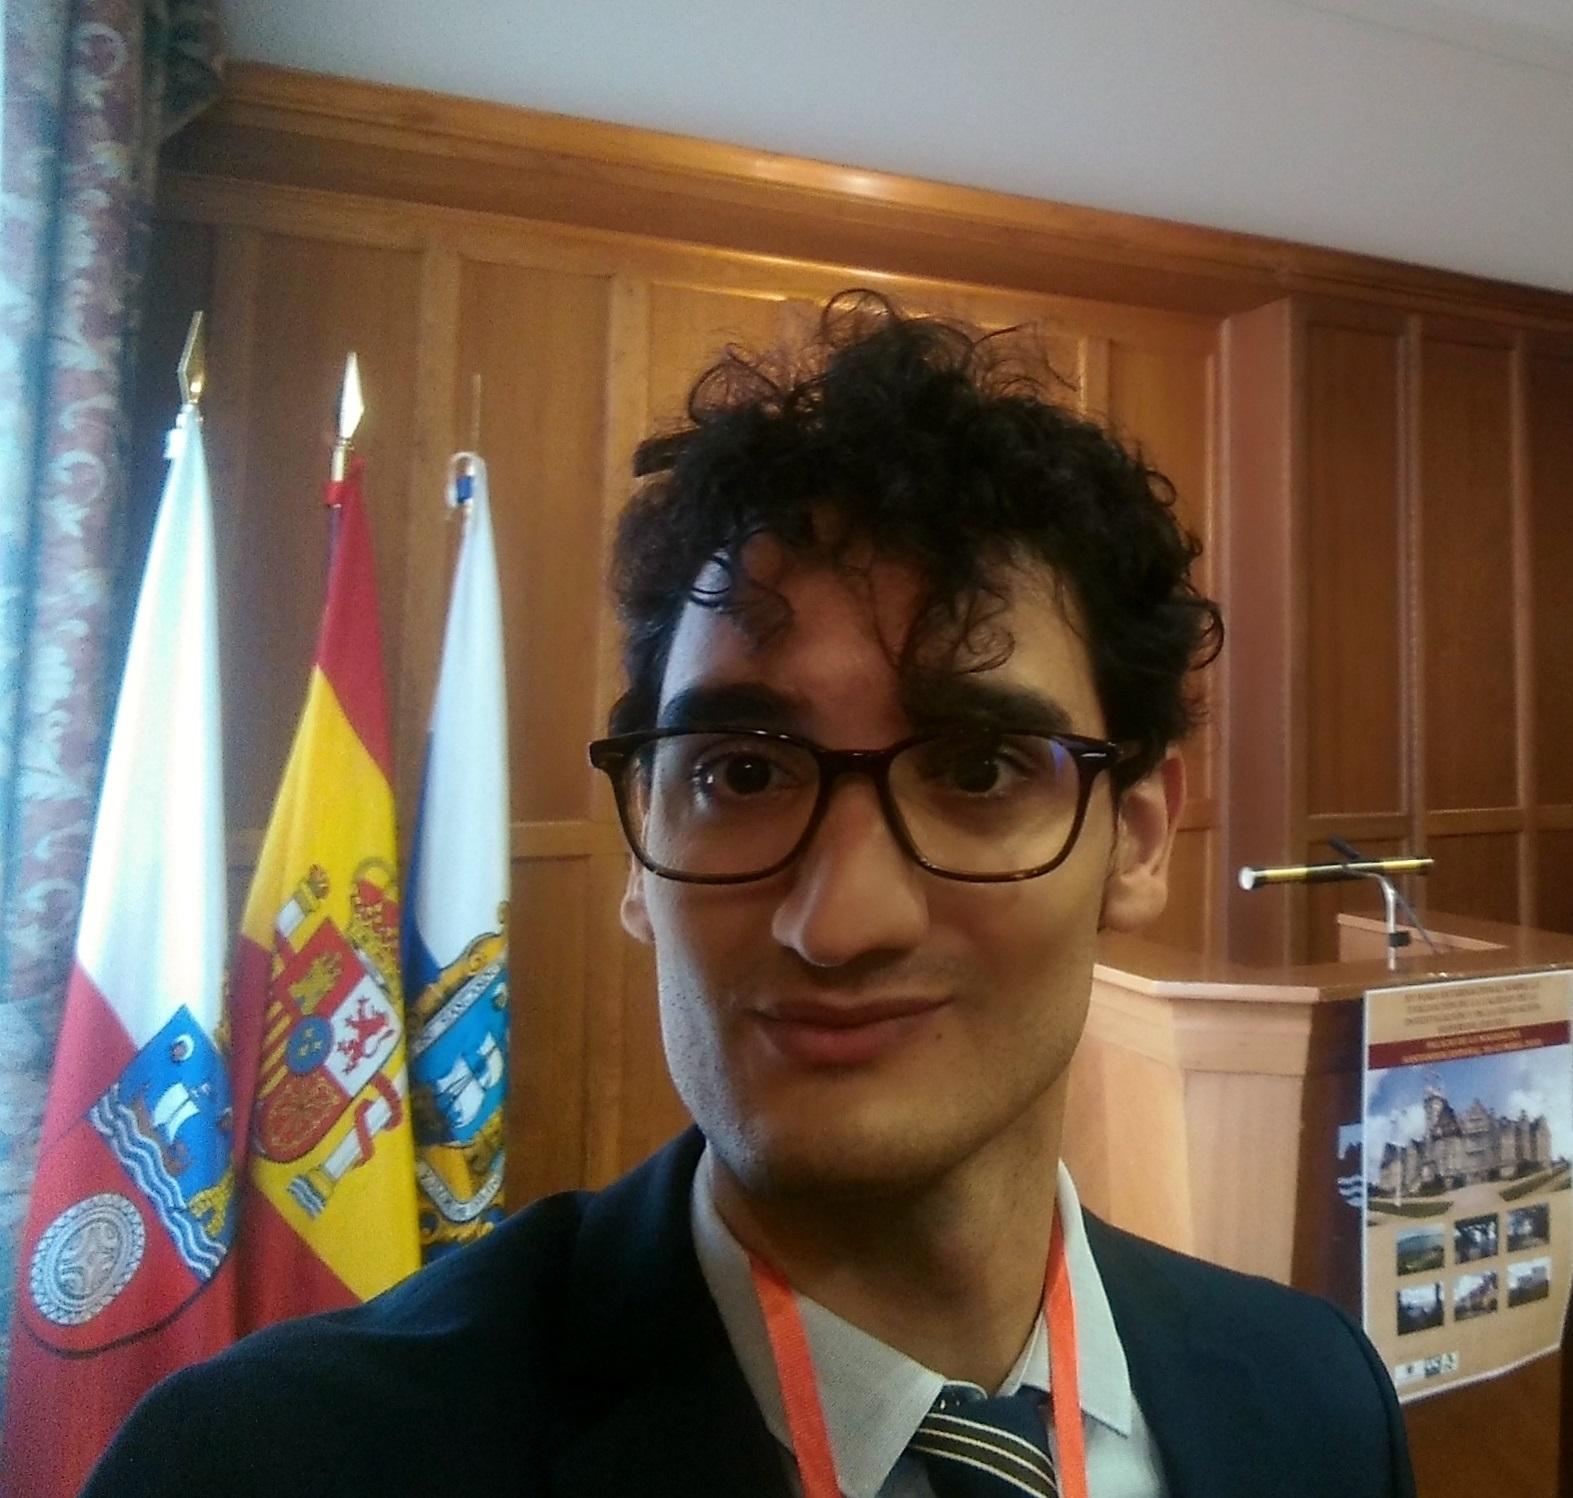 Fco. Miguel Ortiz Gonzalez Conde